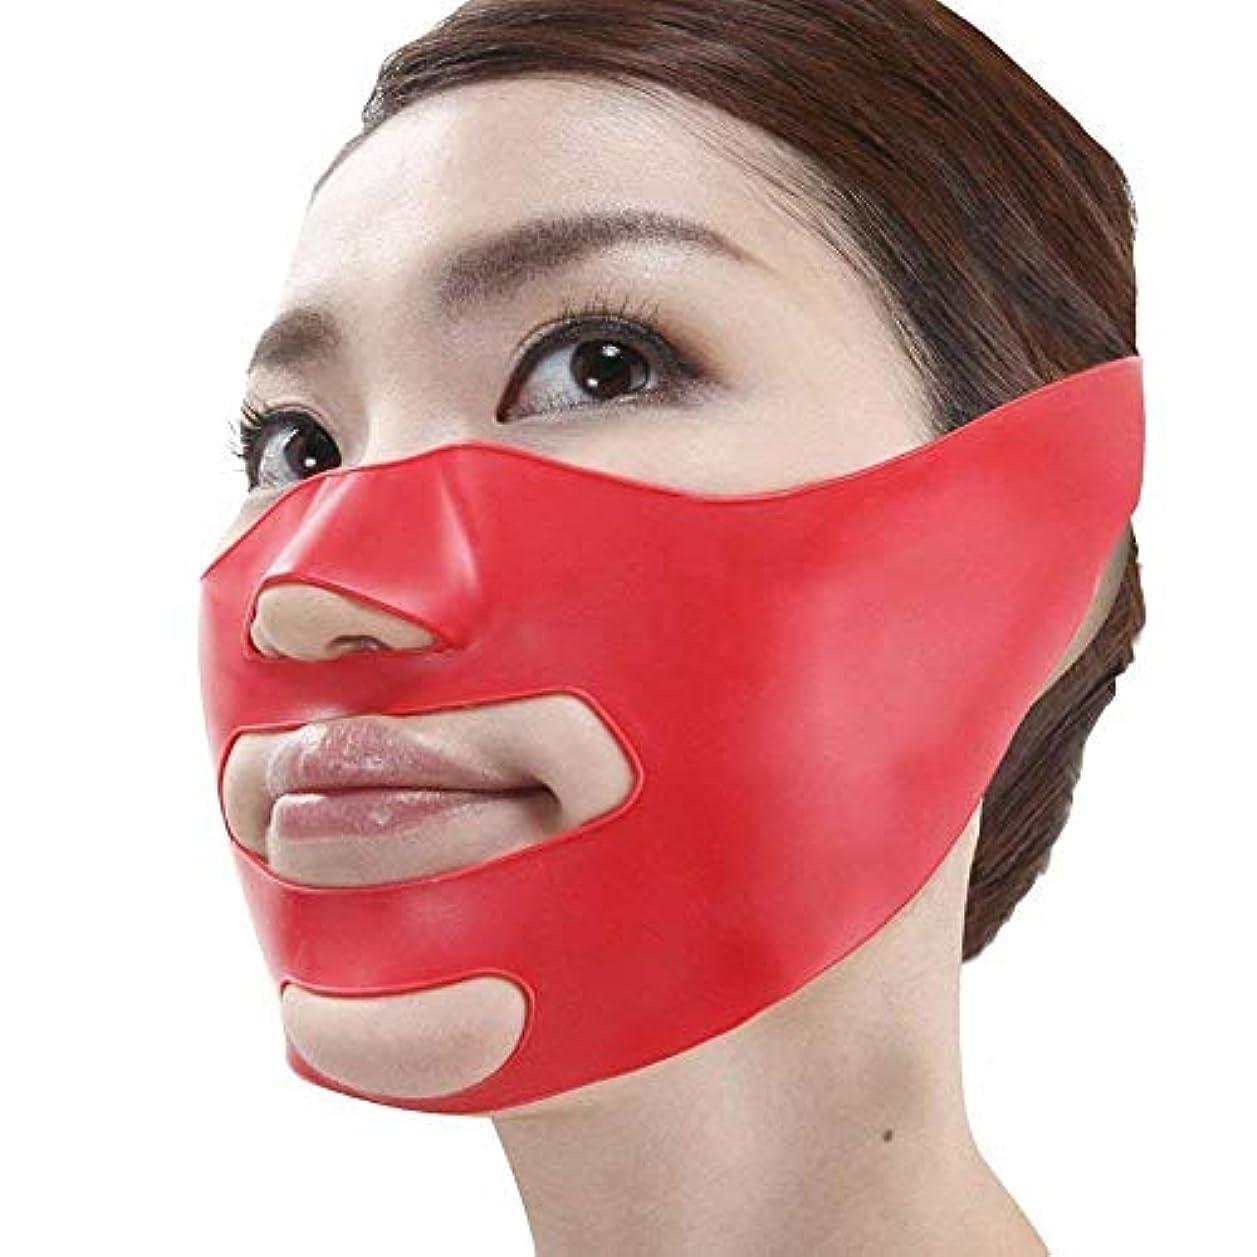 慣性頭痛覆す小顔矯正 マスク 小顔補正ベルト ほうれい線 リフトスリムマスク 3Dエクササイズマスク 法令線予防 抗シワ サウナマスク 美容グッ (フリーサイズ)